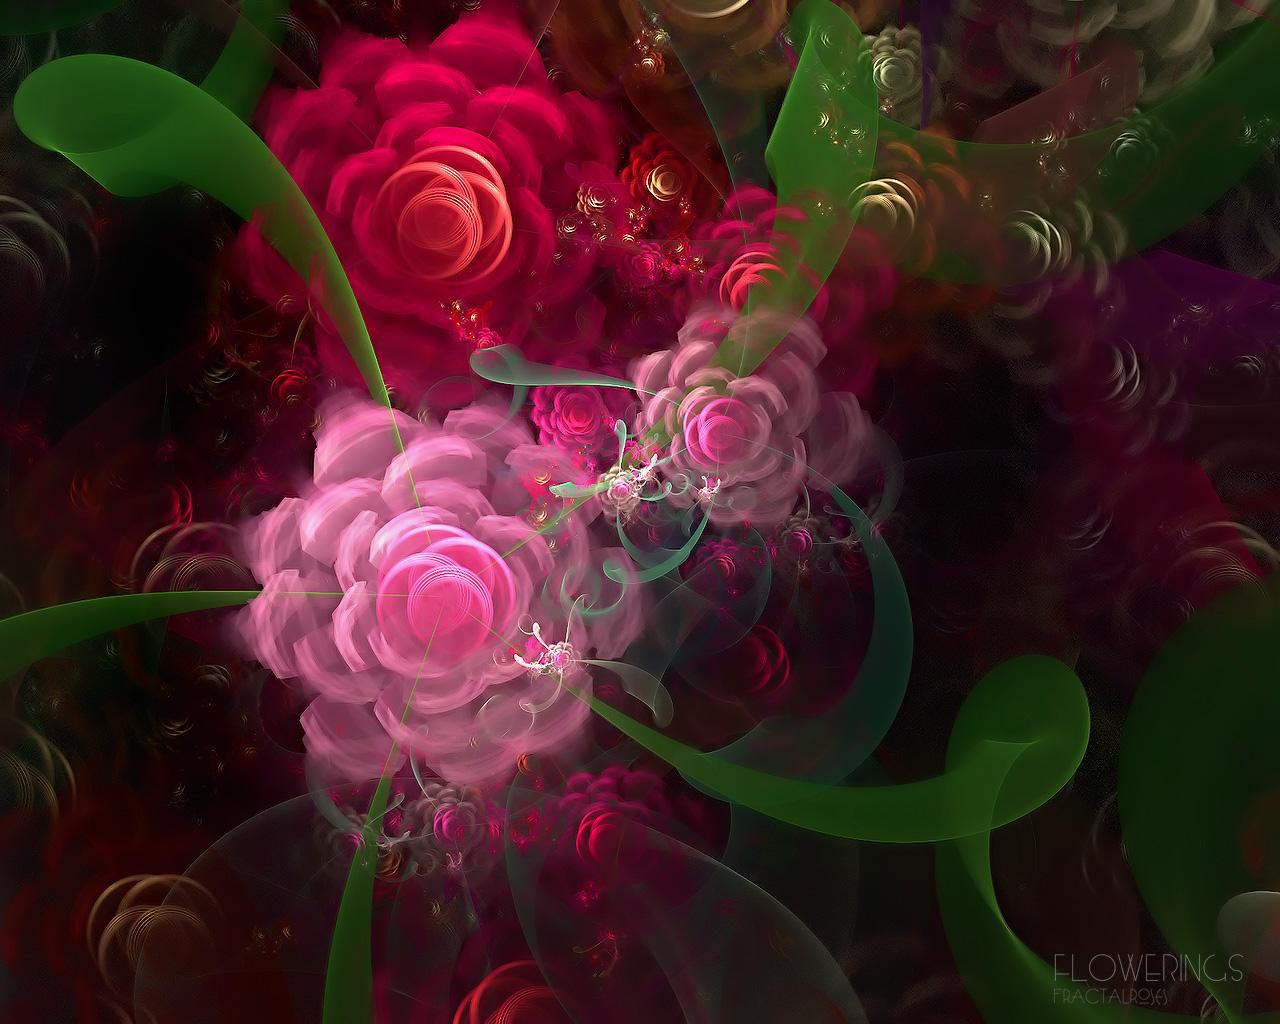 графика космос цветы роза graphics space flowers rose  № 927180 загрузить